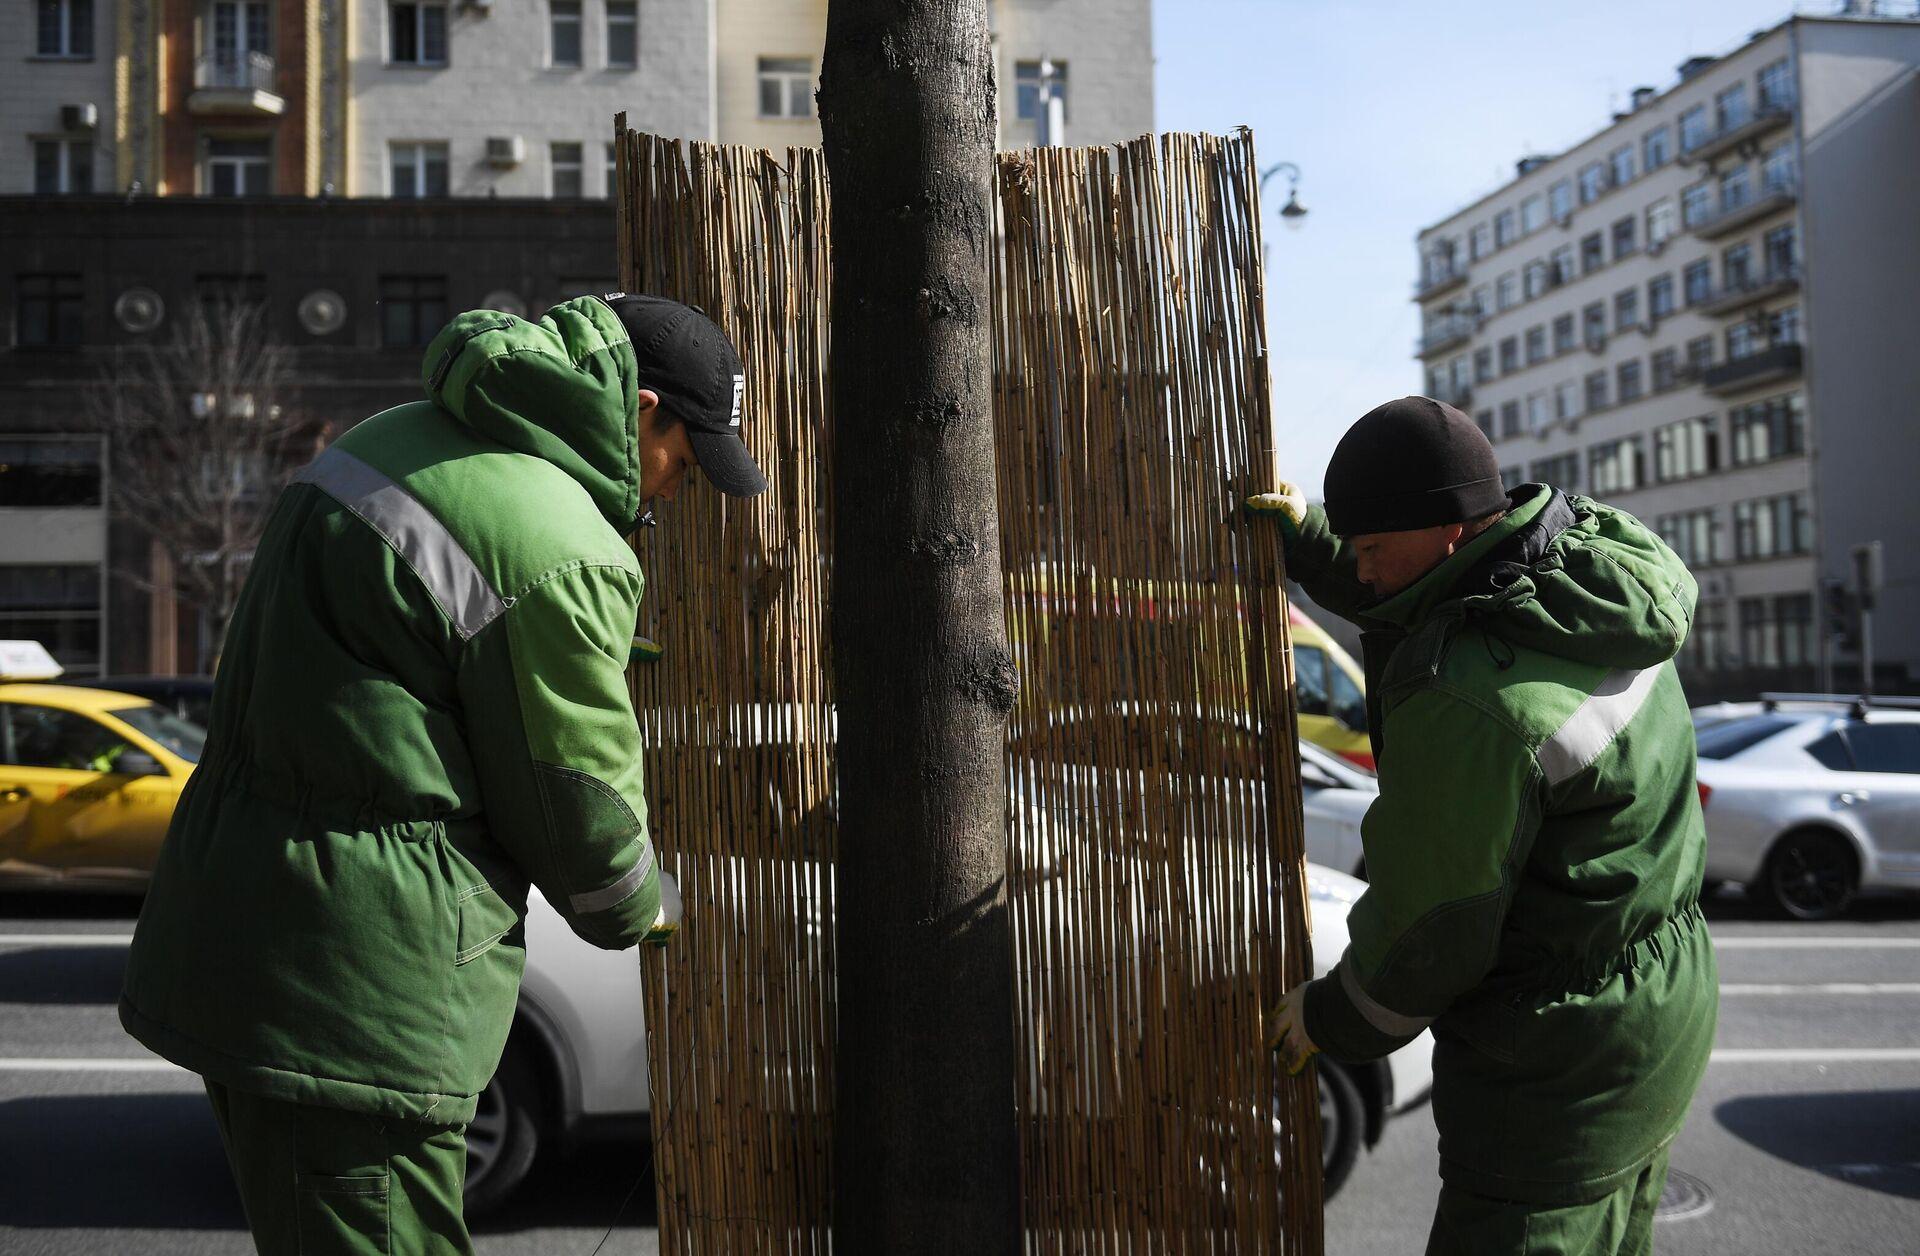 Работники коммунальной службы заменяют оплетку из бамбука на стволе дерева на Тверской улице в Москве. - РИА Новости, 1920, 05.11.2020